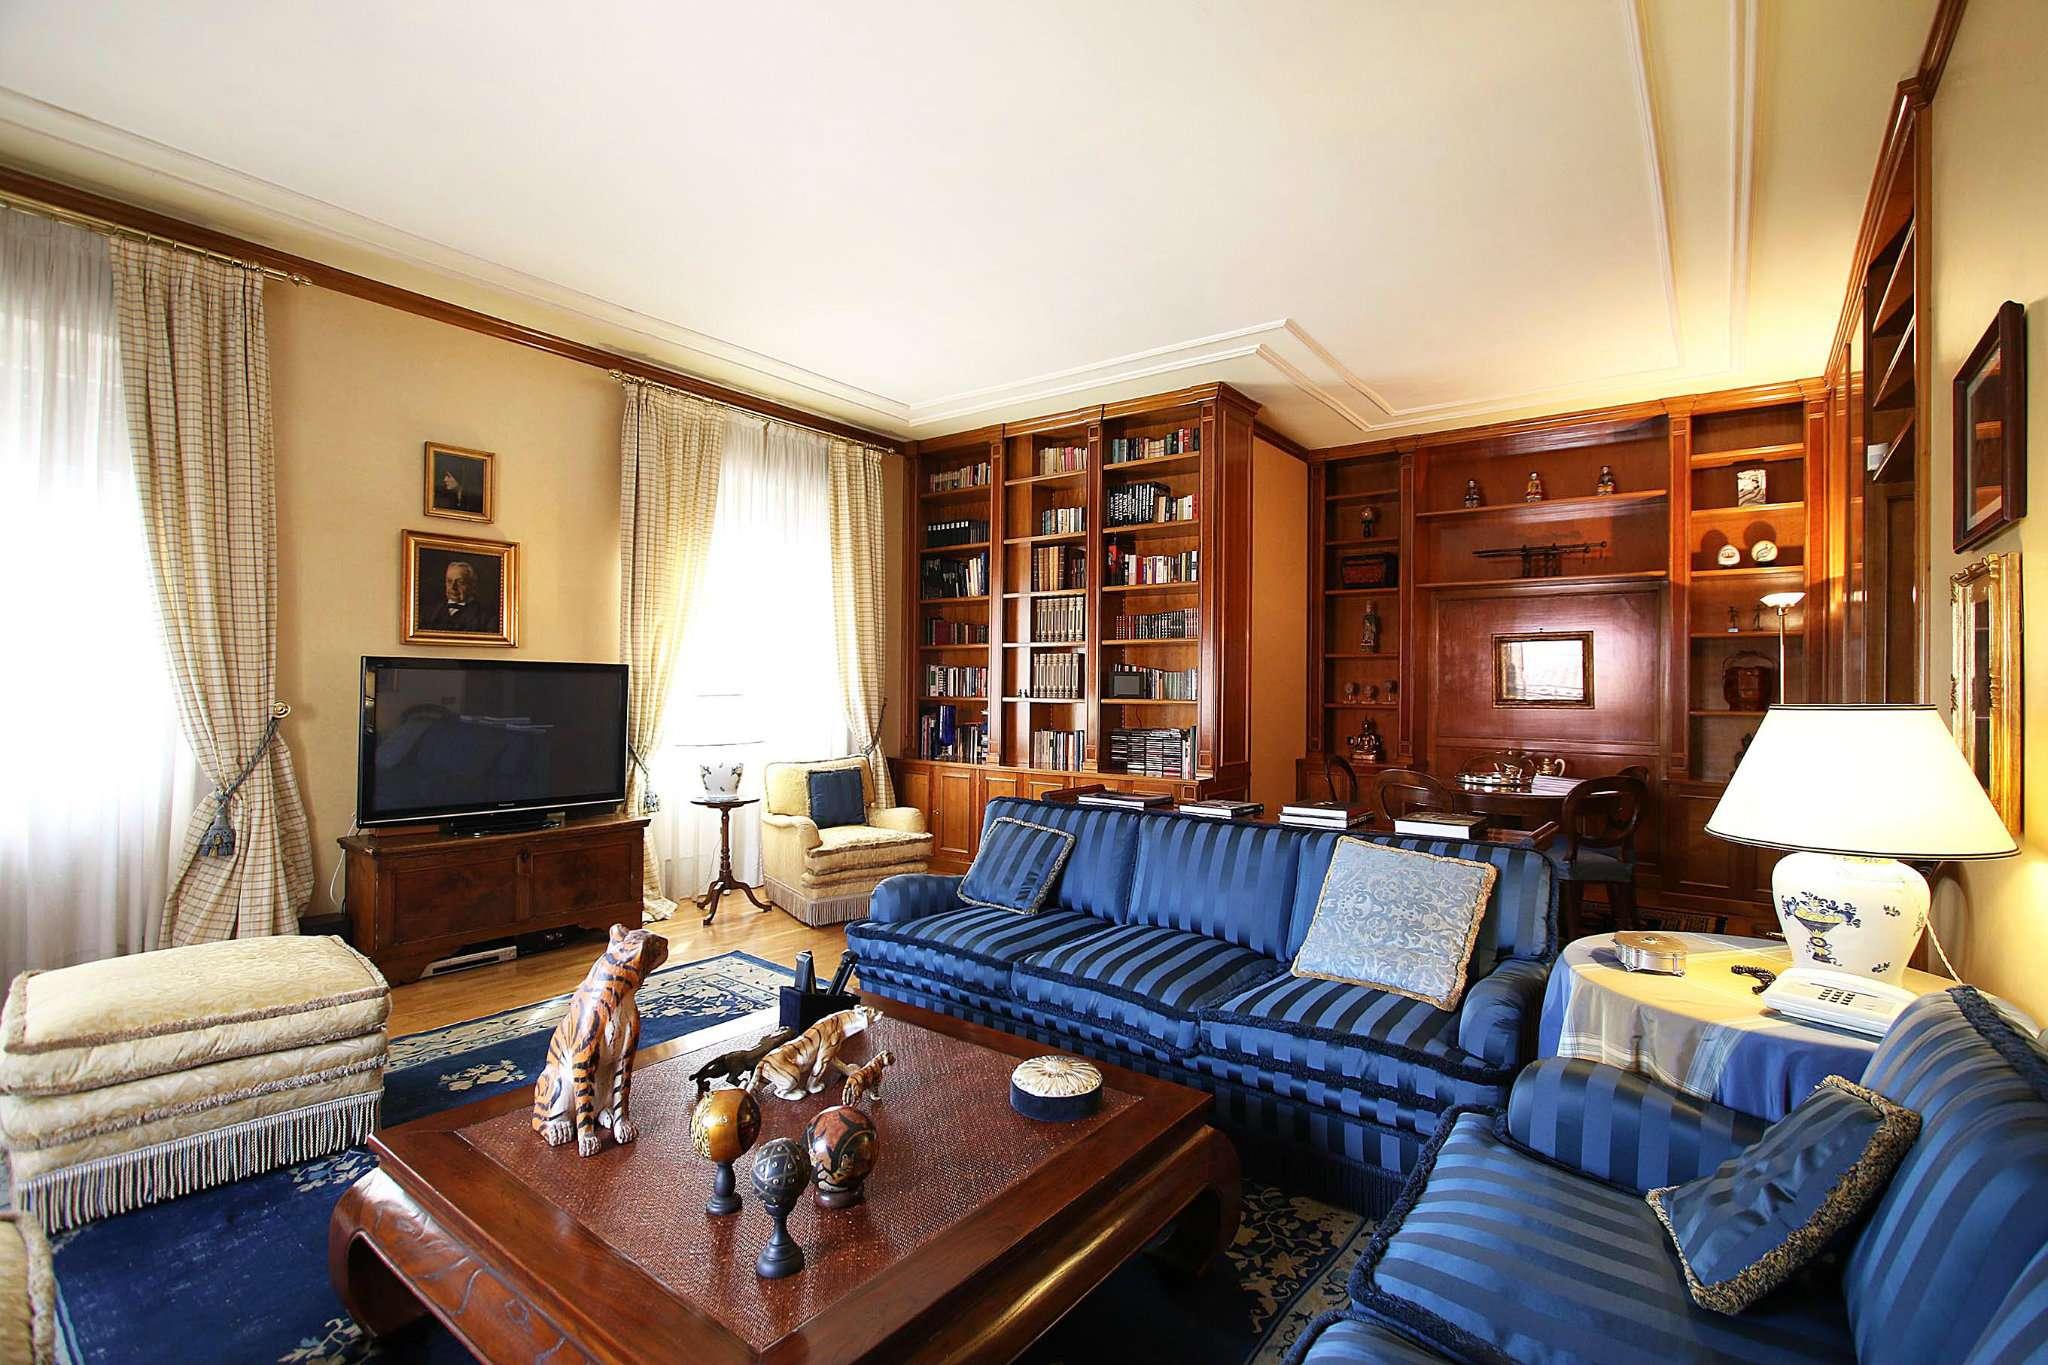 Appartamento in vendita a Milano, 5 locali, zona Zona: 1 . Centro Storico, Duomo, Brera, Cadorna, Cattolica, prezzo € 1.200.000   CambioCasa.it